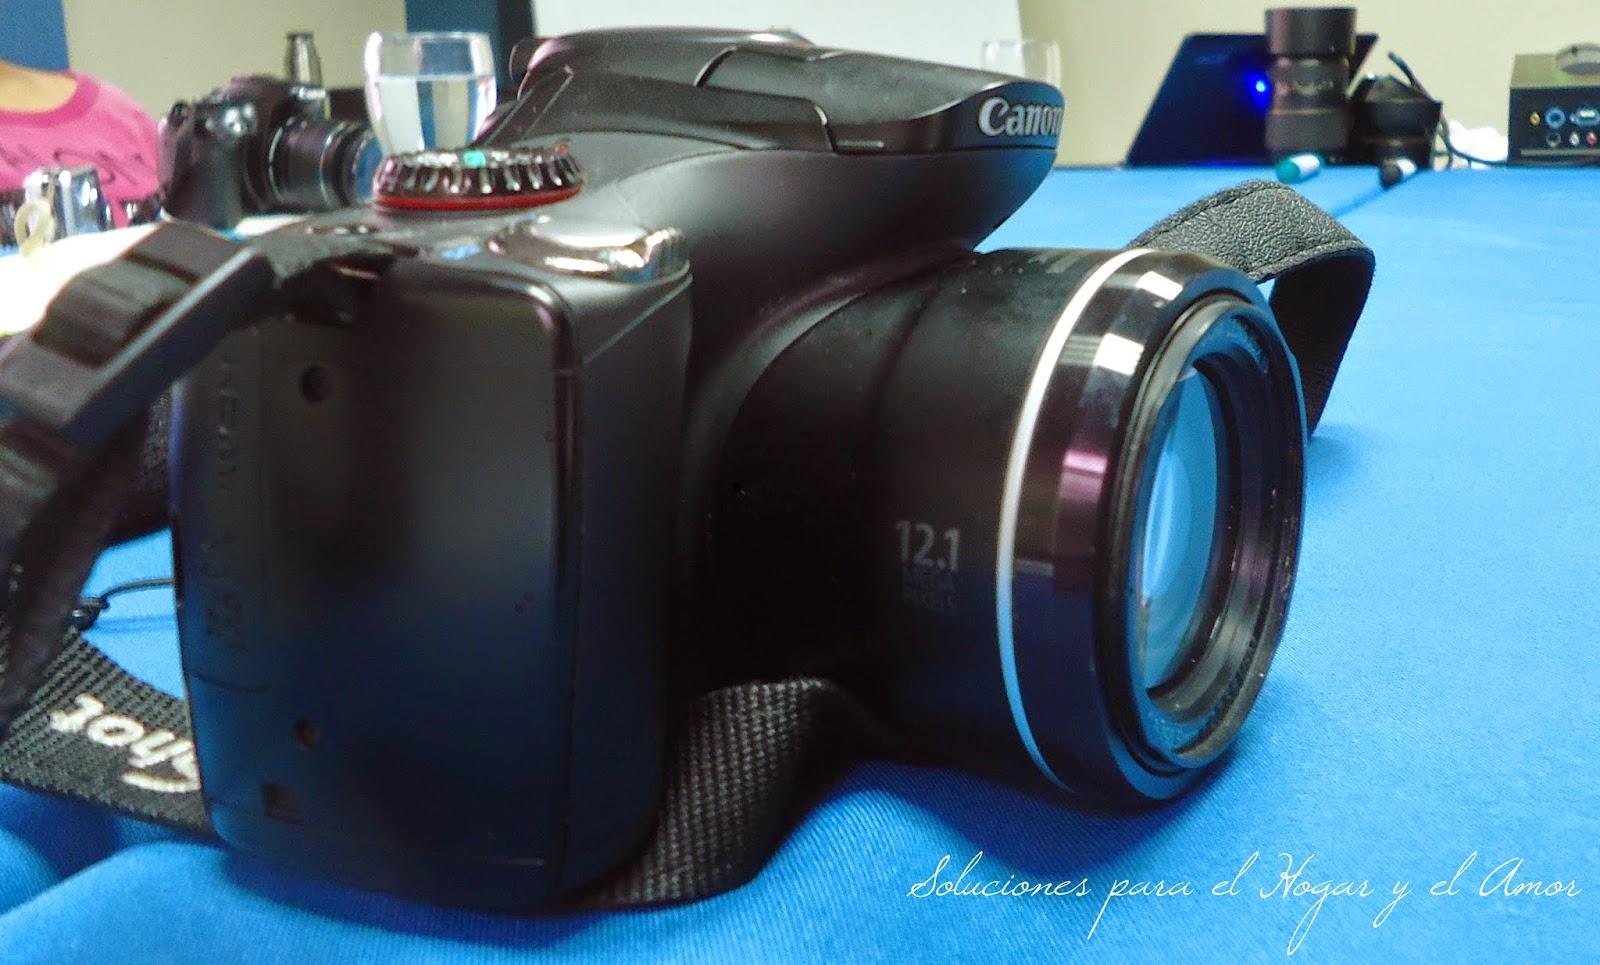 Cámara fotográfica, clases de fotografía